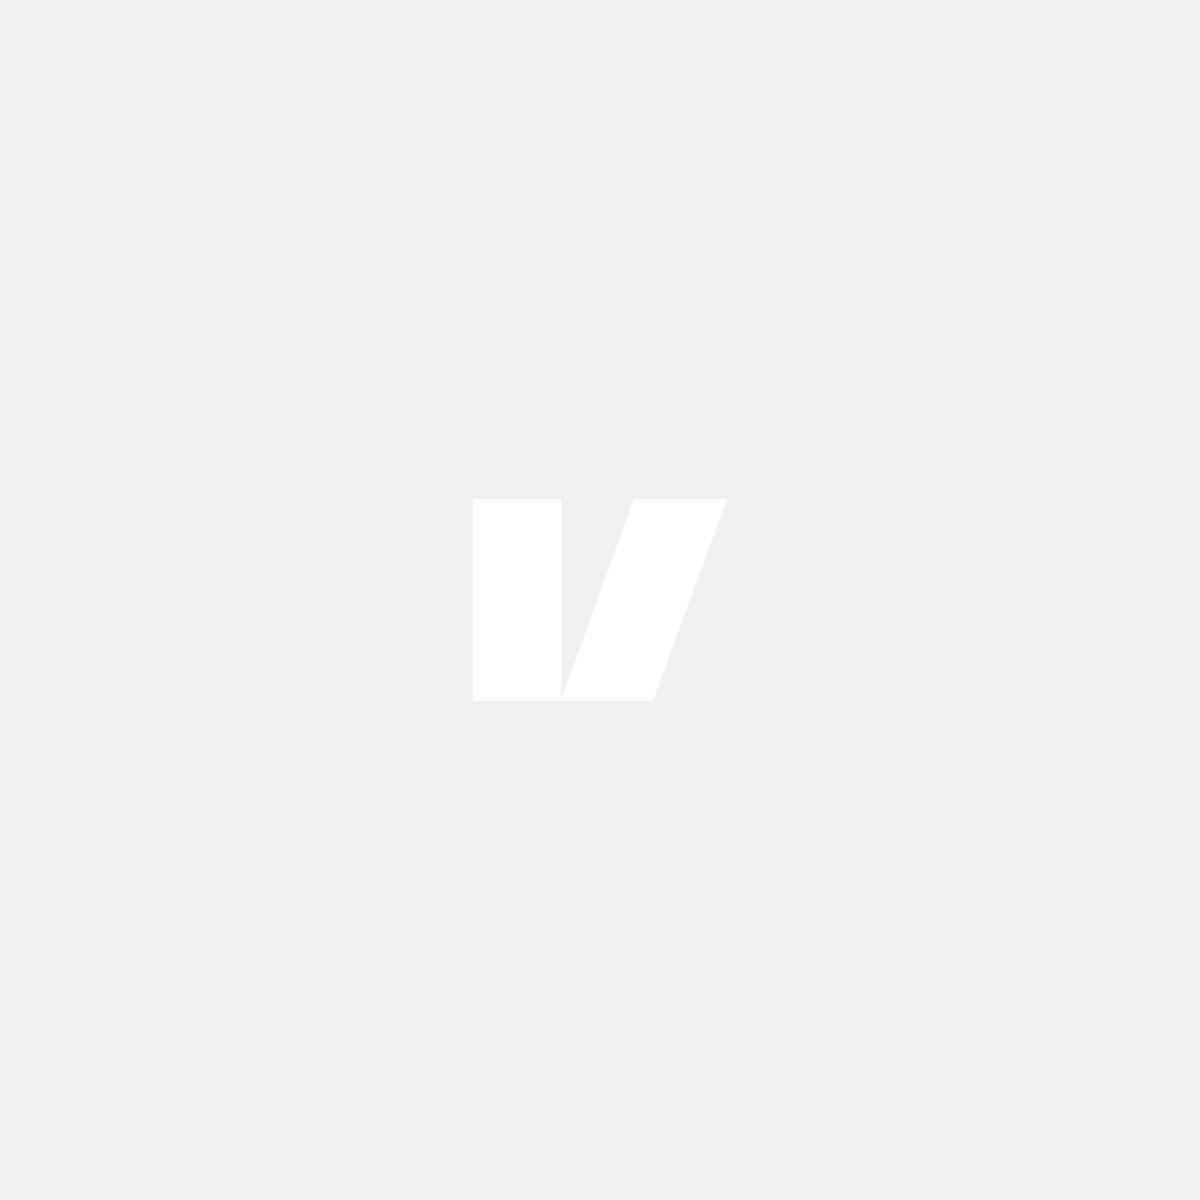 Vindavvisare till Volvo XC60 09-16, 4 dörrar